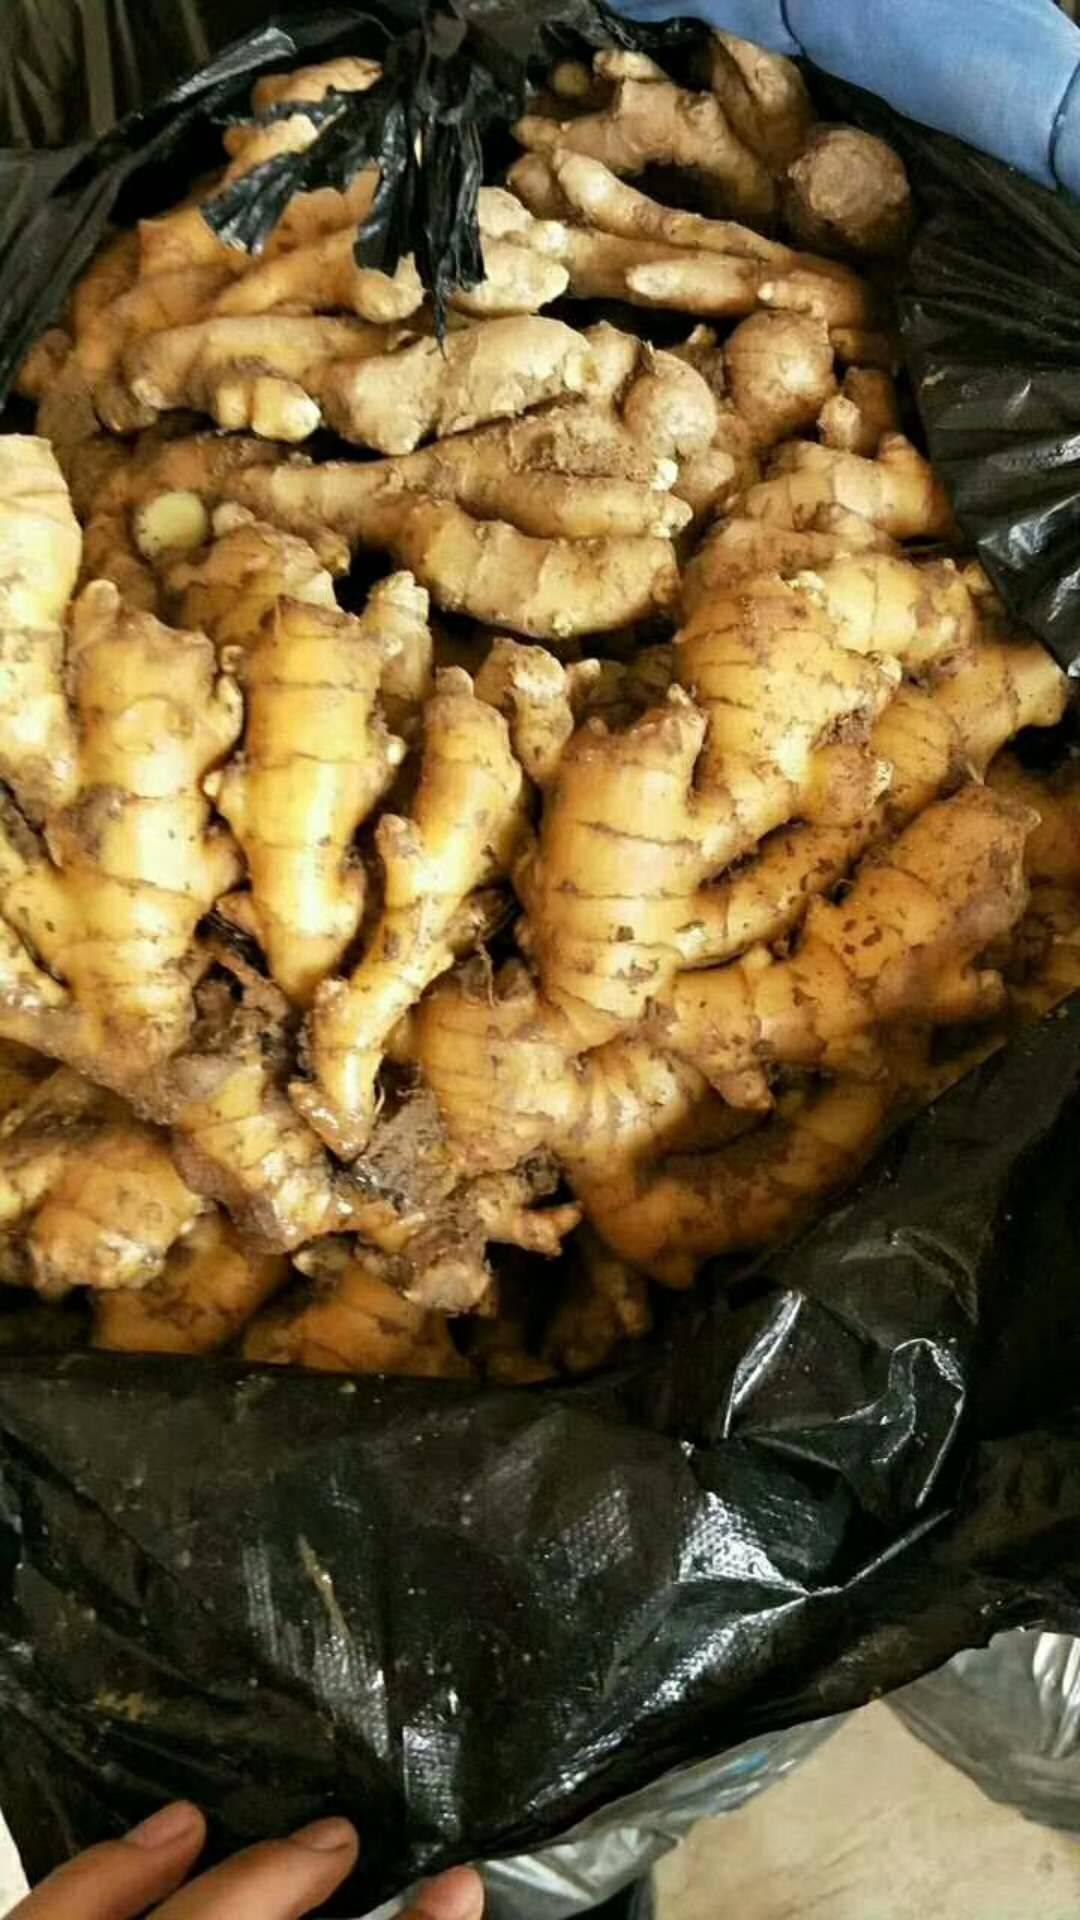 山东黄姜优质黄姜可提供人工包装水洗等服务一条龙